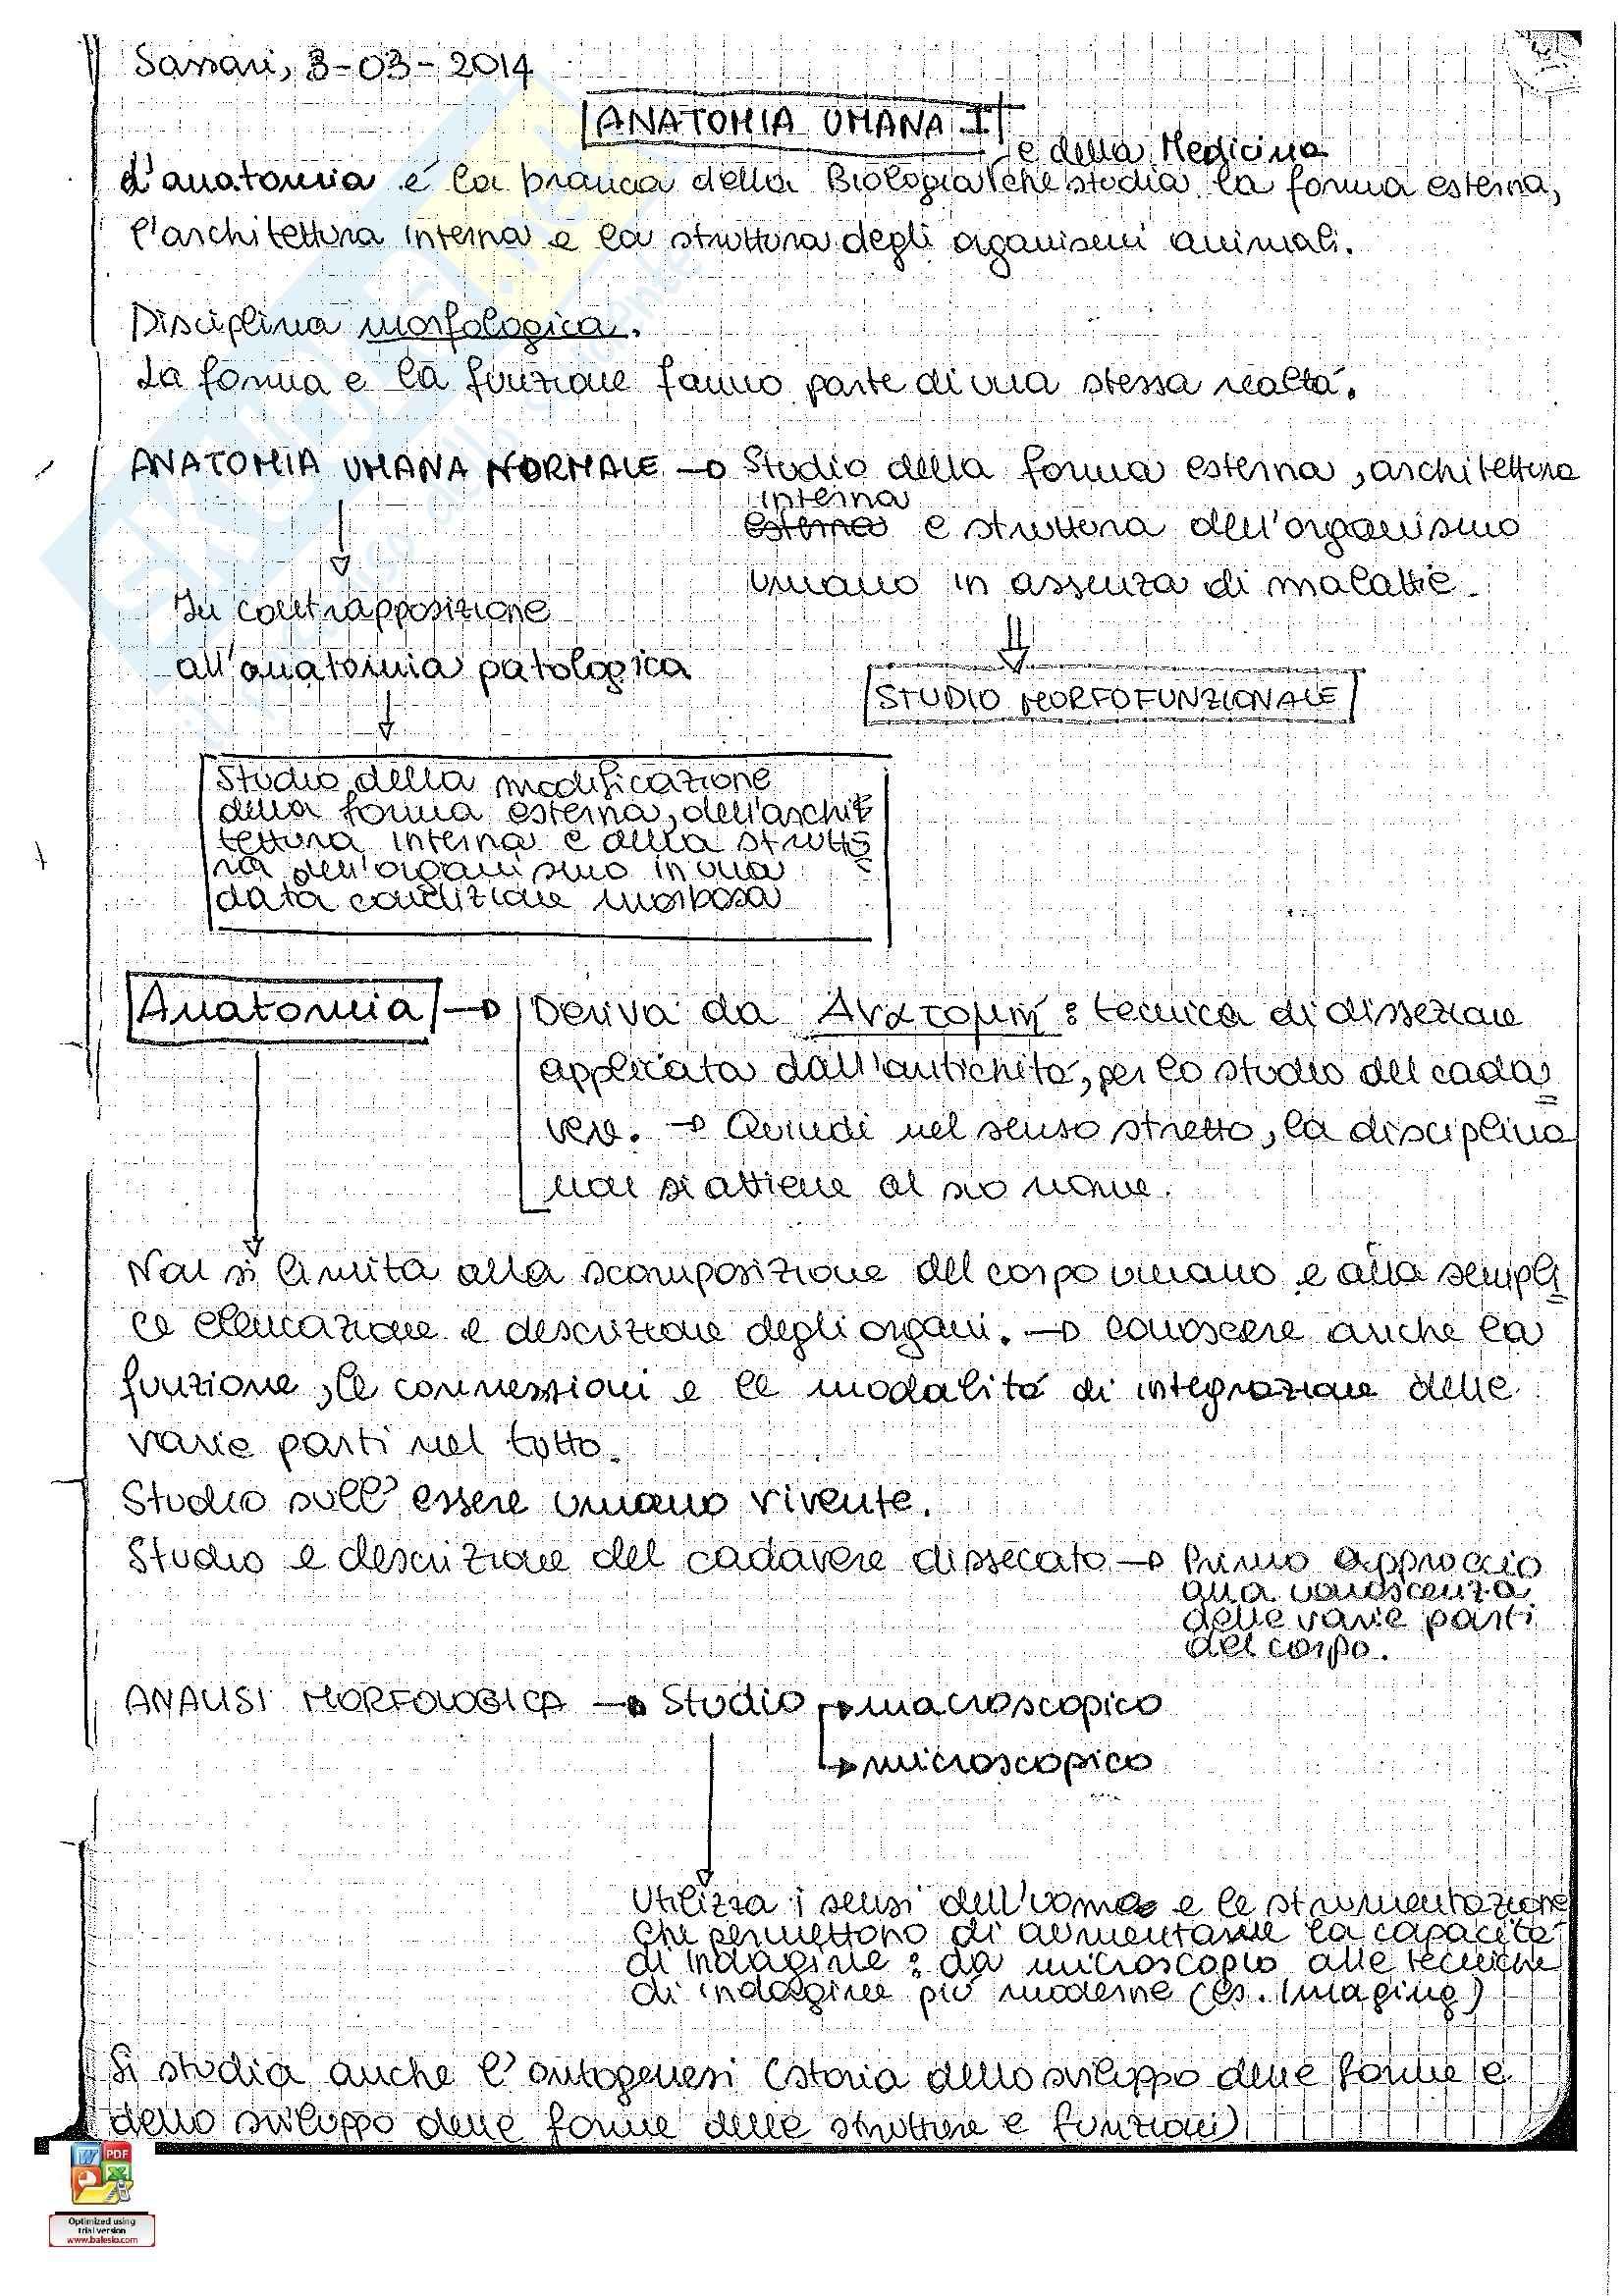 Riassunto esame Anatomia umana: seconda parte, prof. Pirino